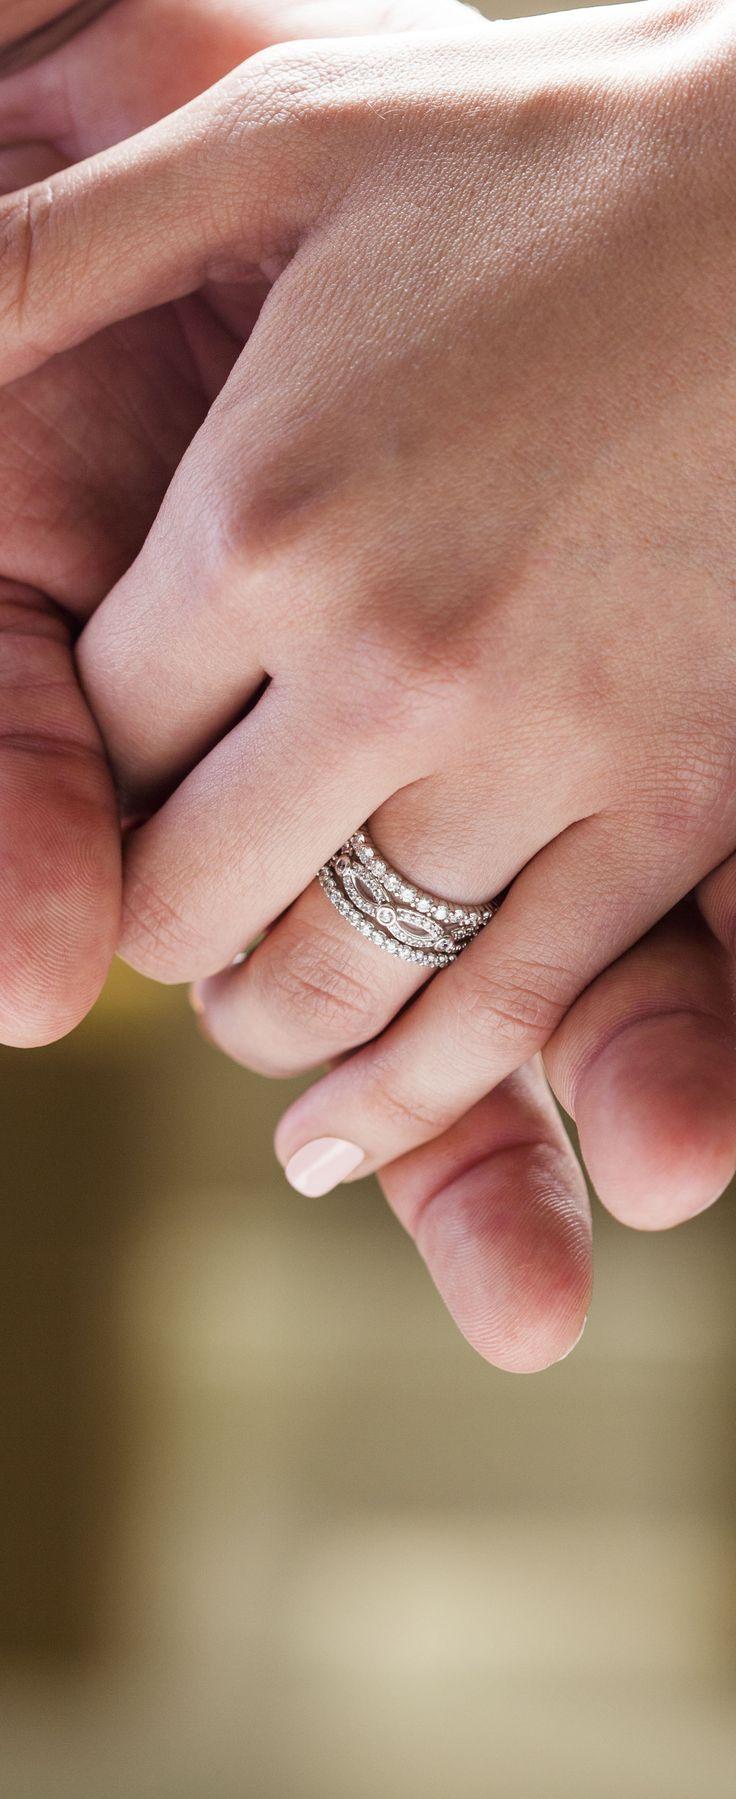 166 best Wedding Bands images on Pinterest | Wedding bands, Cobalt ...